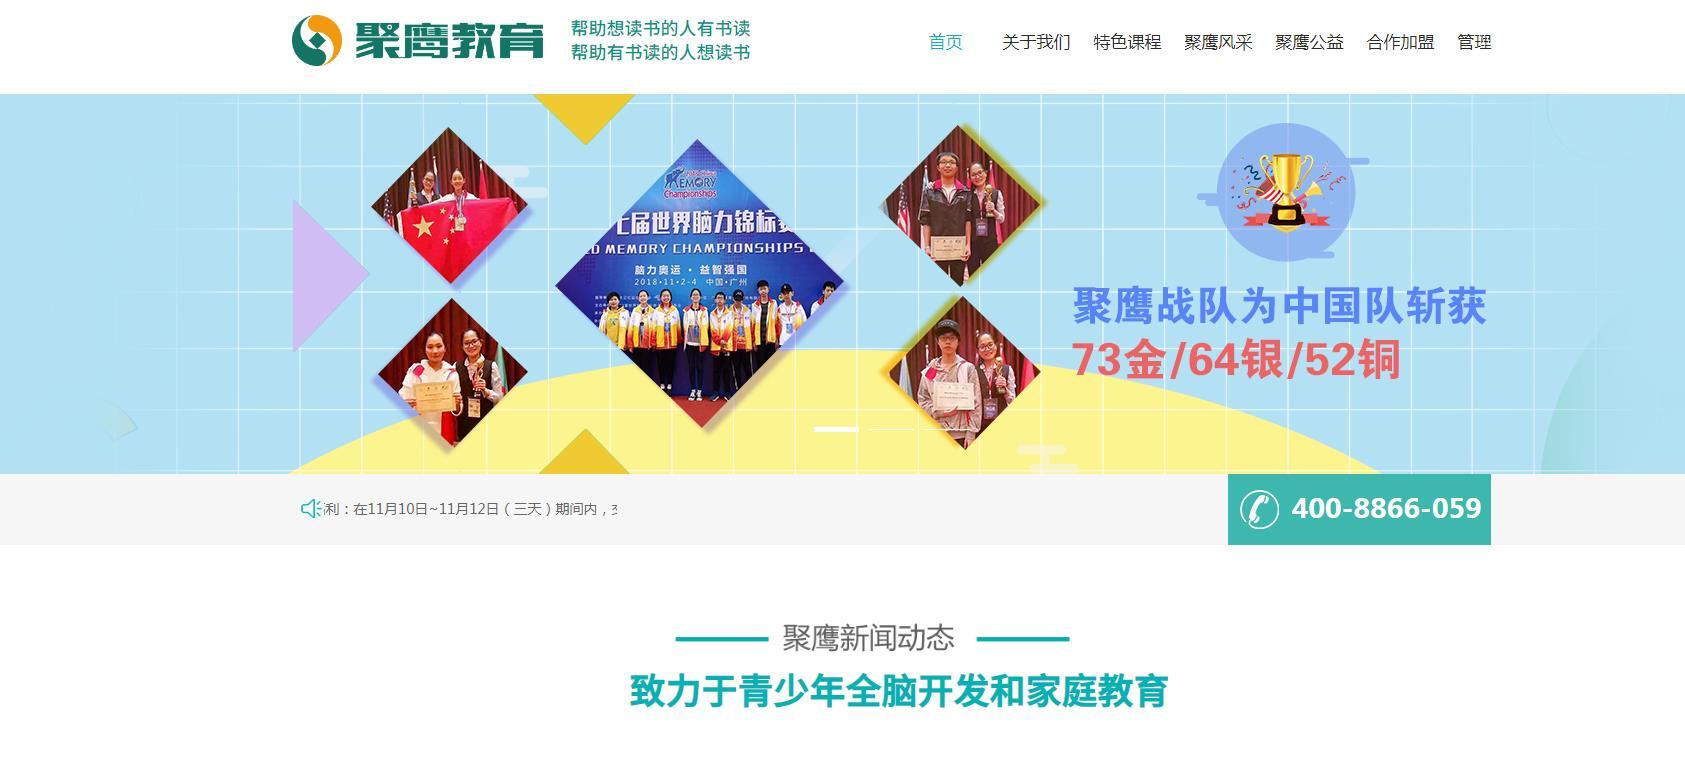 聚鹰教育咨询(长沙)有限公司